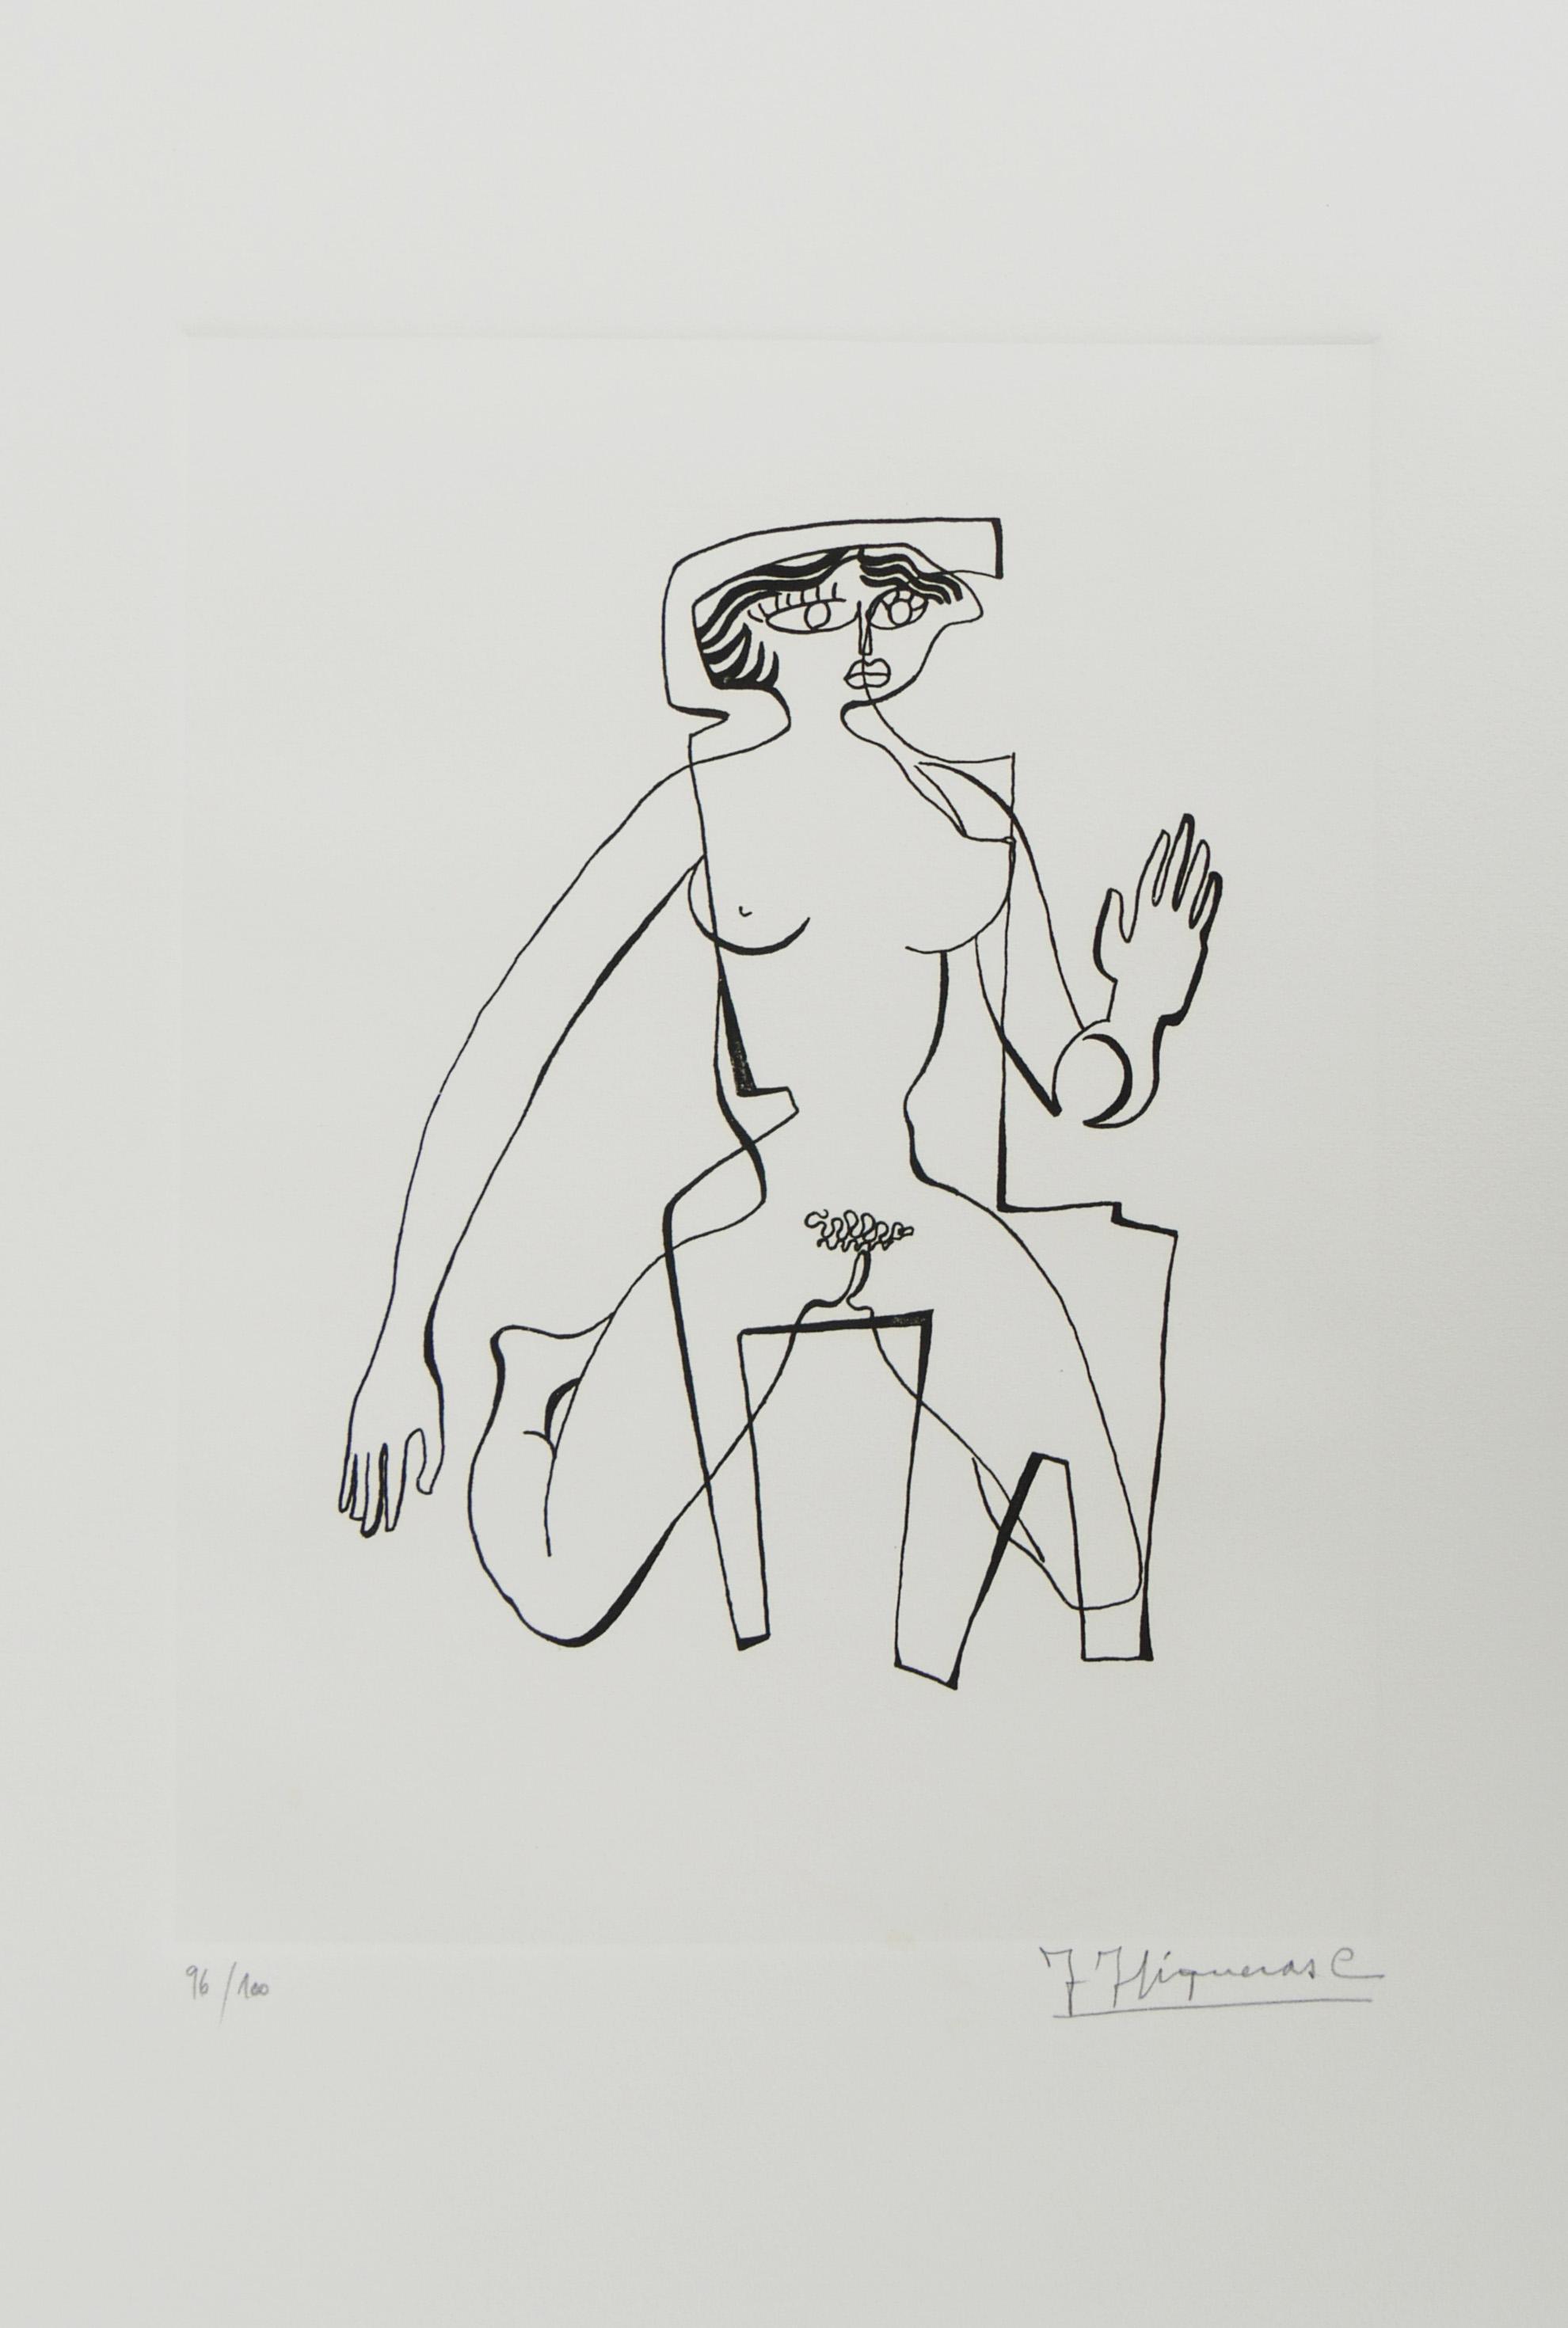 """1972-1. Desnudo de mujer. 31x 21 cm. Rotulador negro. Original que se grabó por el Grabador Pavel Albert, con destino a la carpeta """"Recuerdo de la Barraca de Federico García Lorca, por Jacinto Higueras"""" en 1999. 1972"""